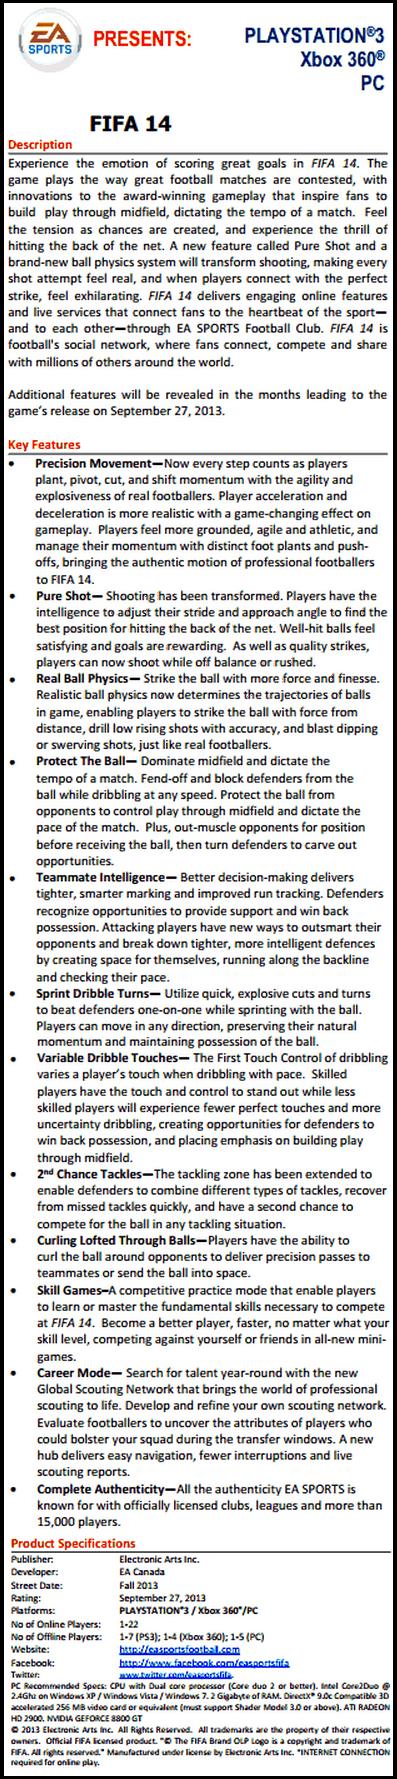 factsheet-FIFA14